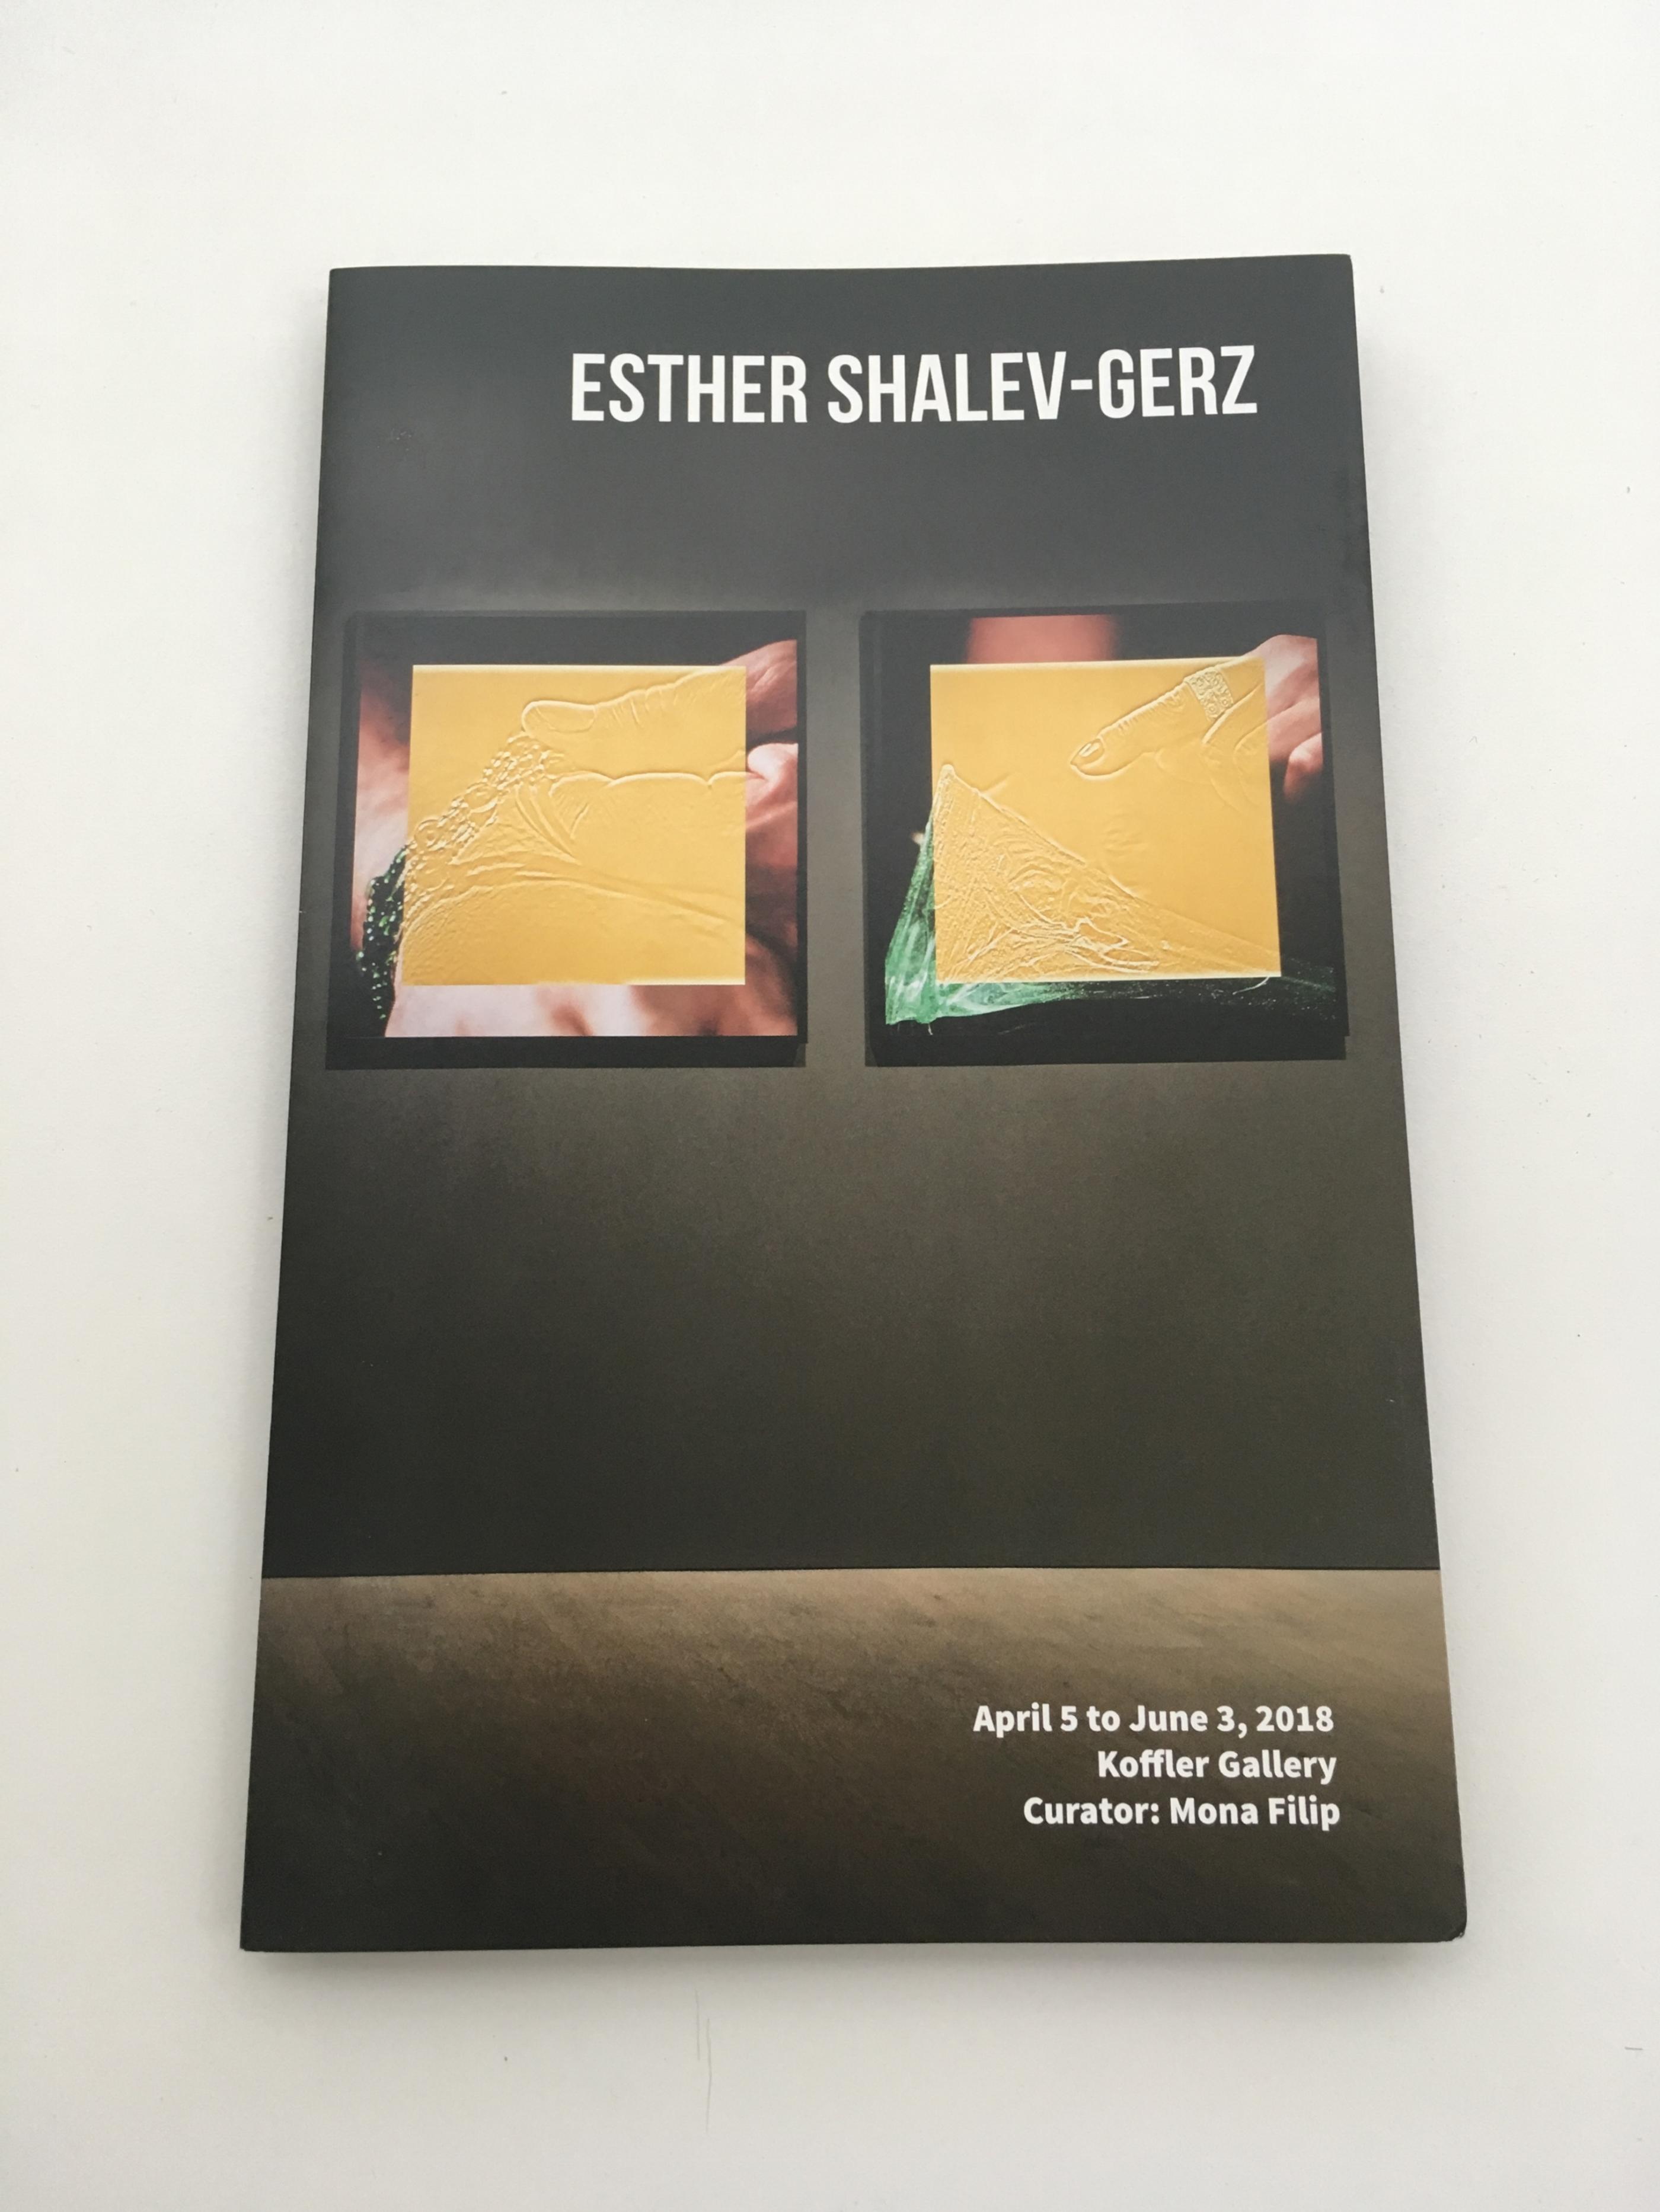 Esther Shalev-Gerz at The Koffler Gallery